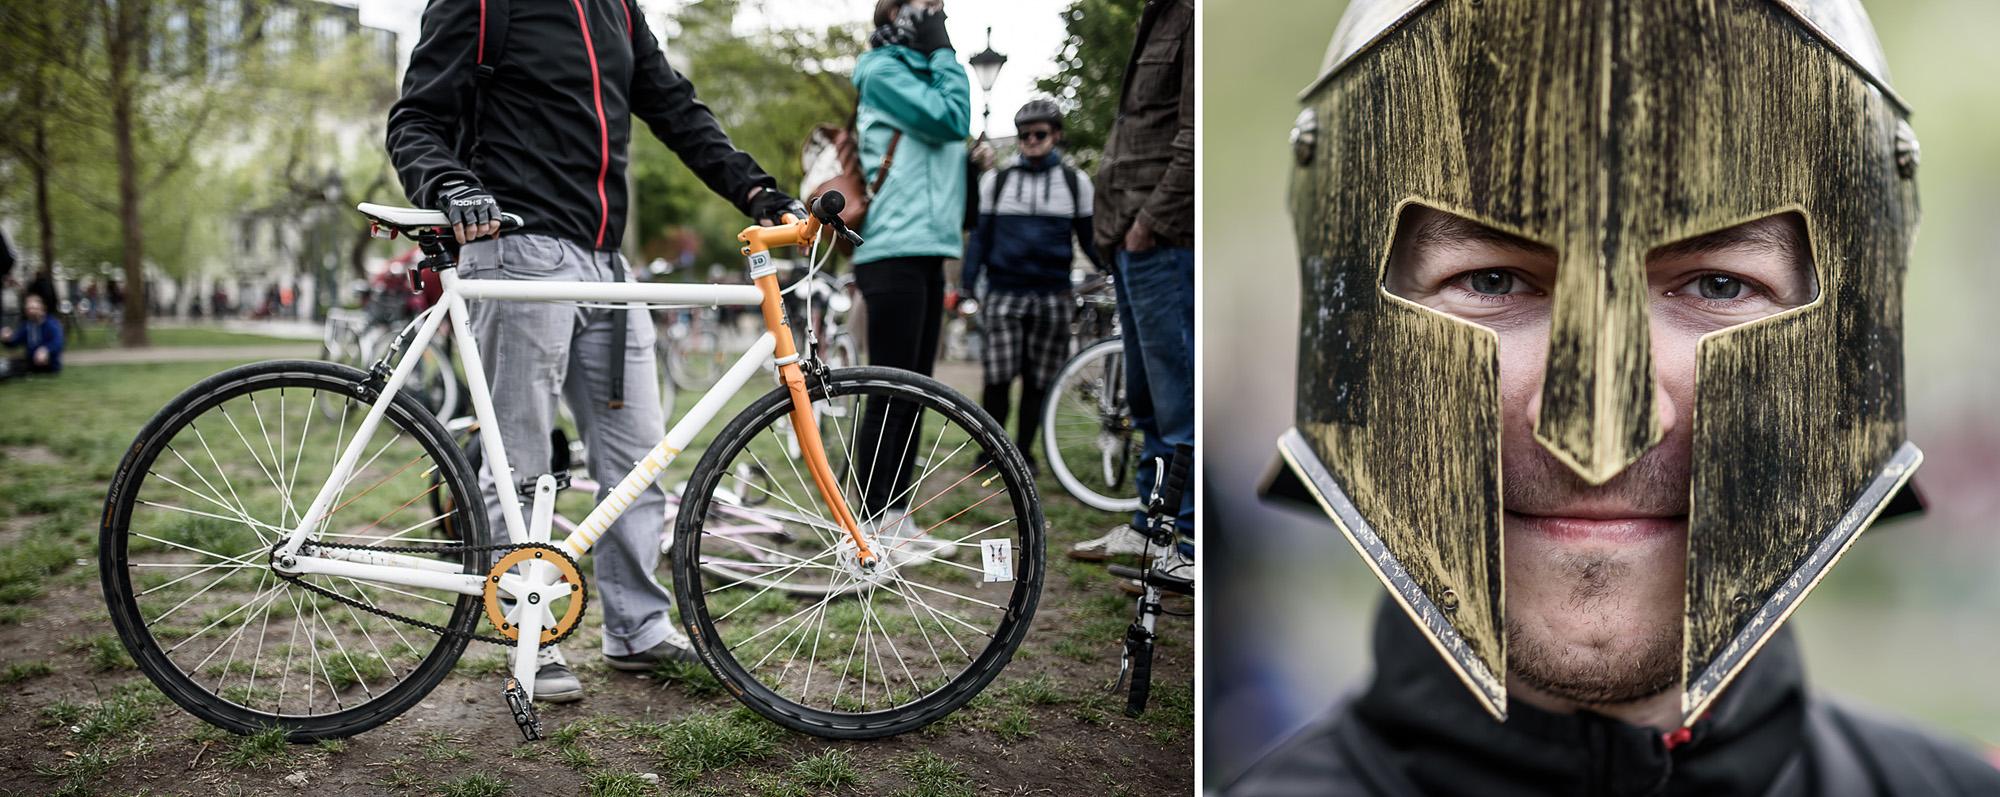 A biciklifüggők pont úgy hasonlítanak a bringájukra, mint a kutyások a kutyájukra